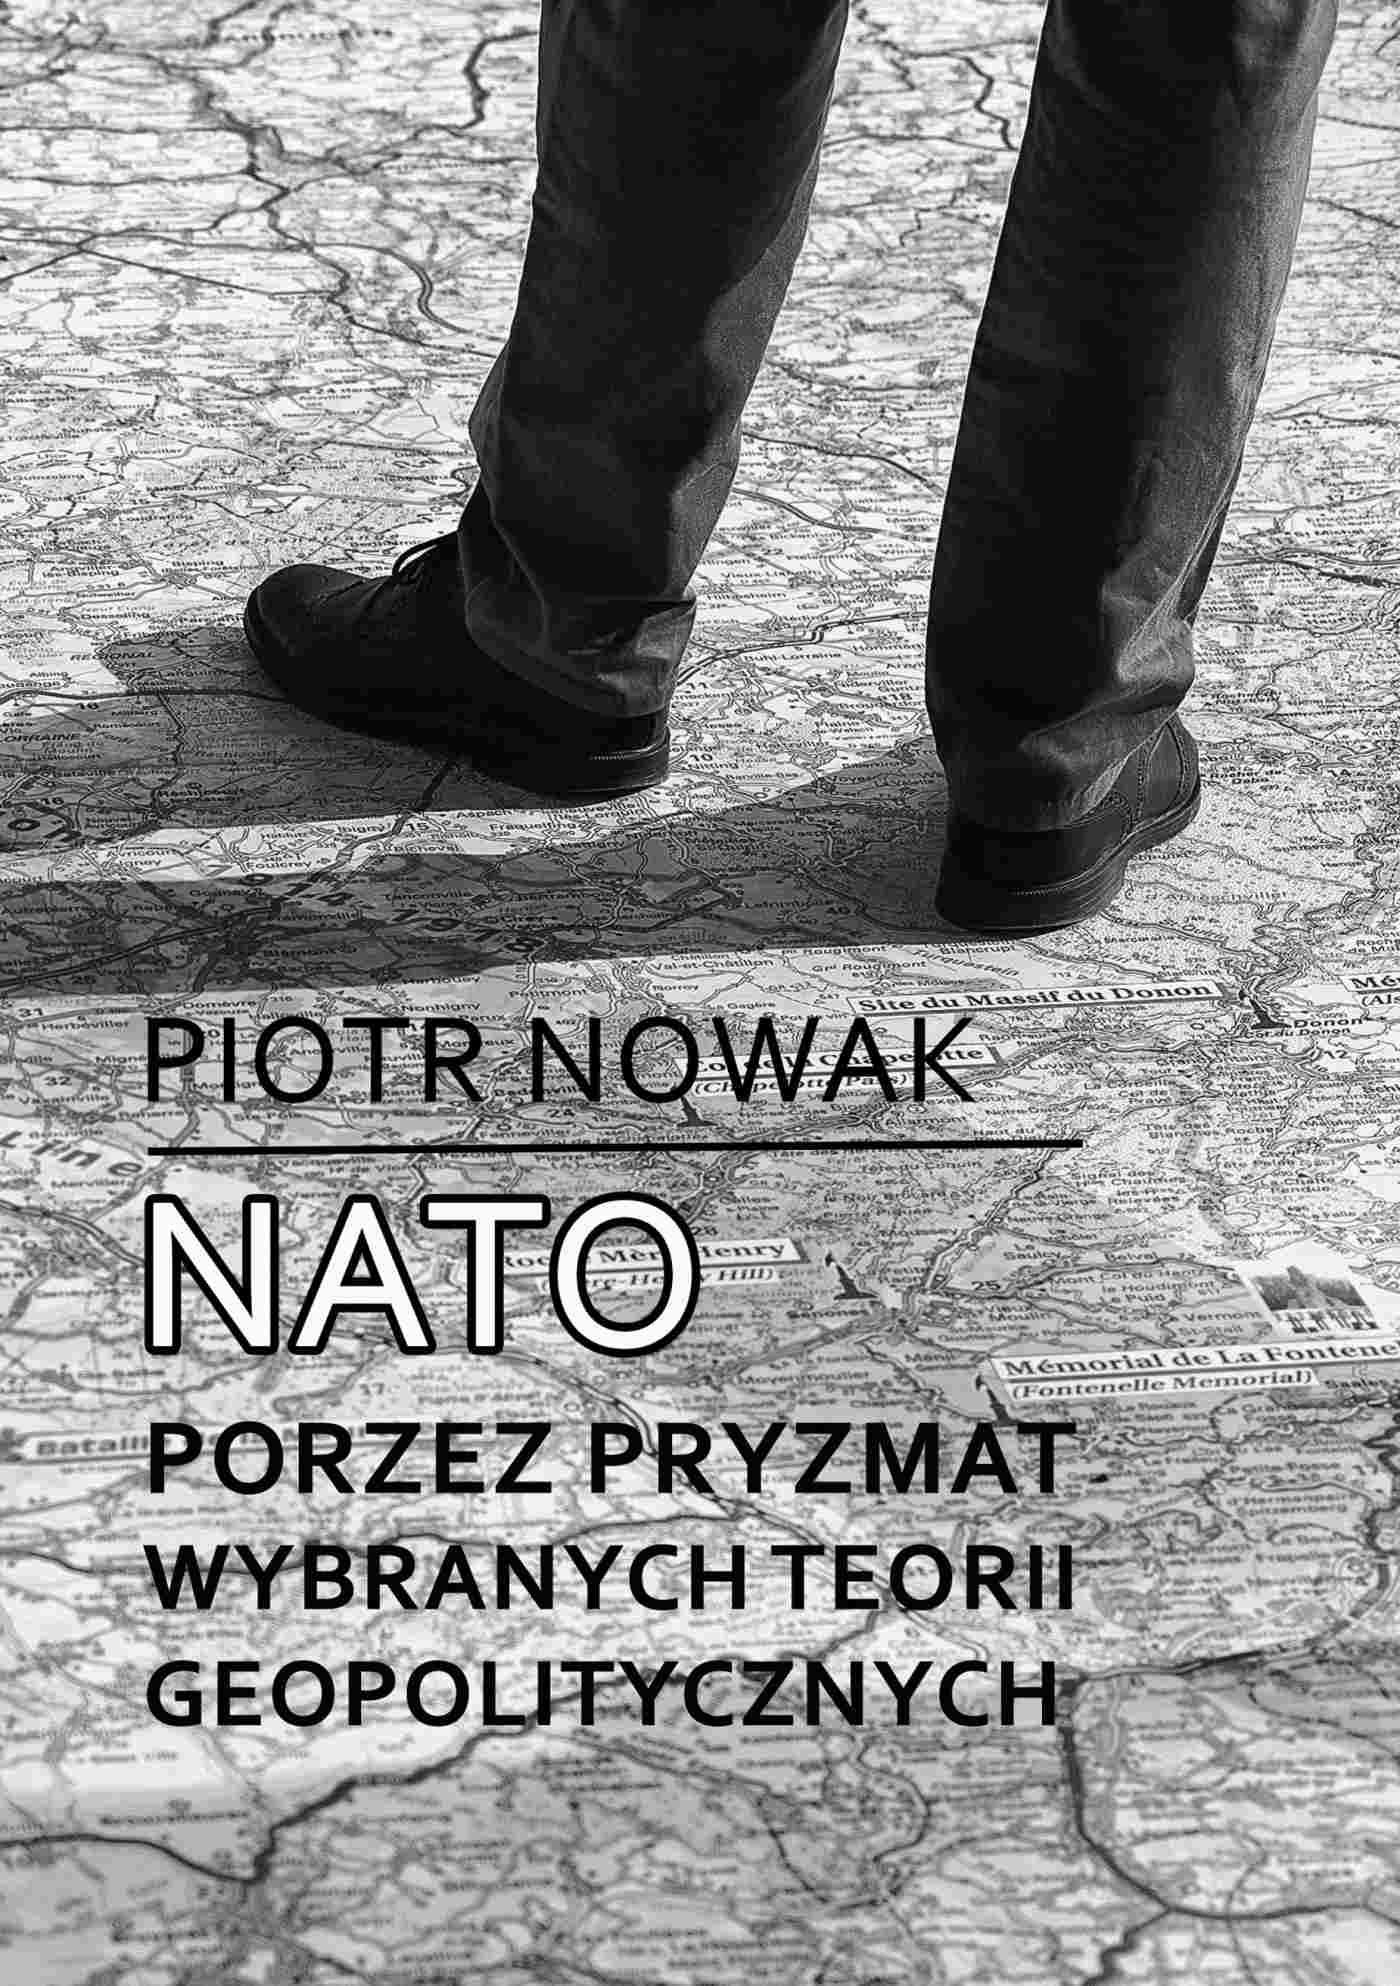 NATO poprzez pryzmat wybranych teorii geopolitycznych - Ebook (Książka PDF) do pobrania w formacie PDF